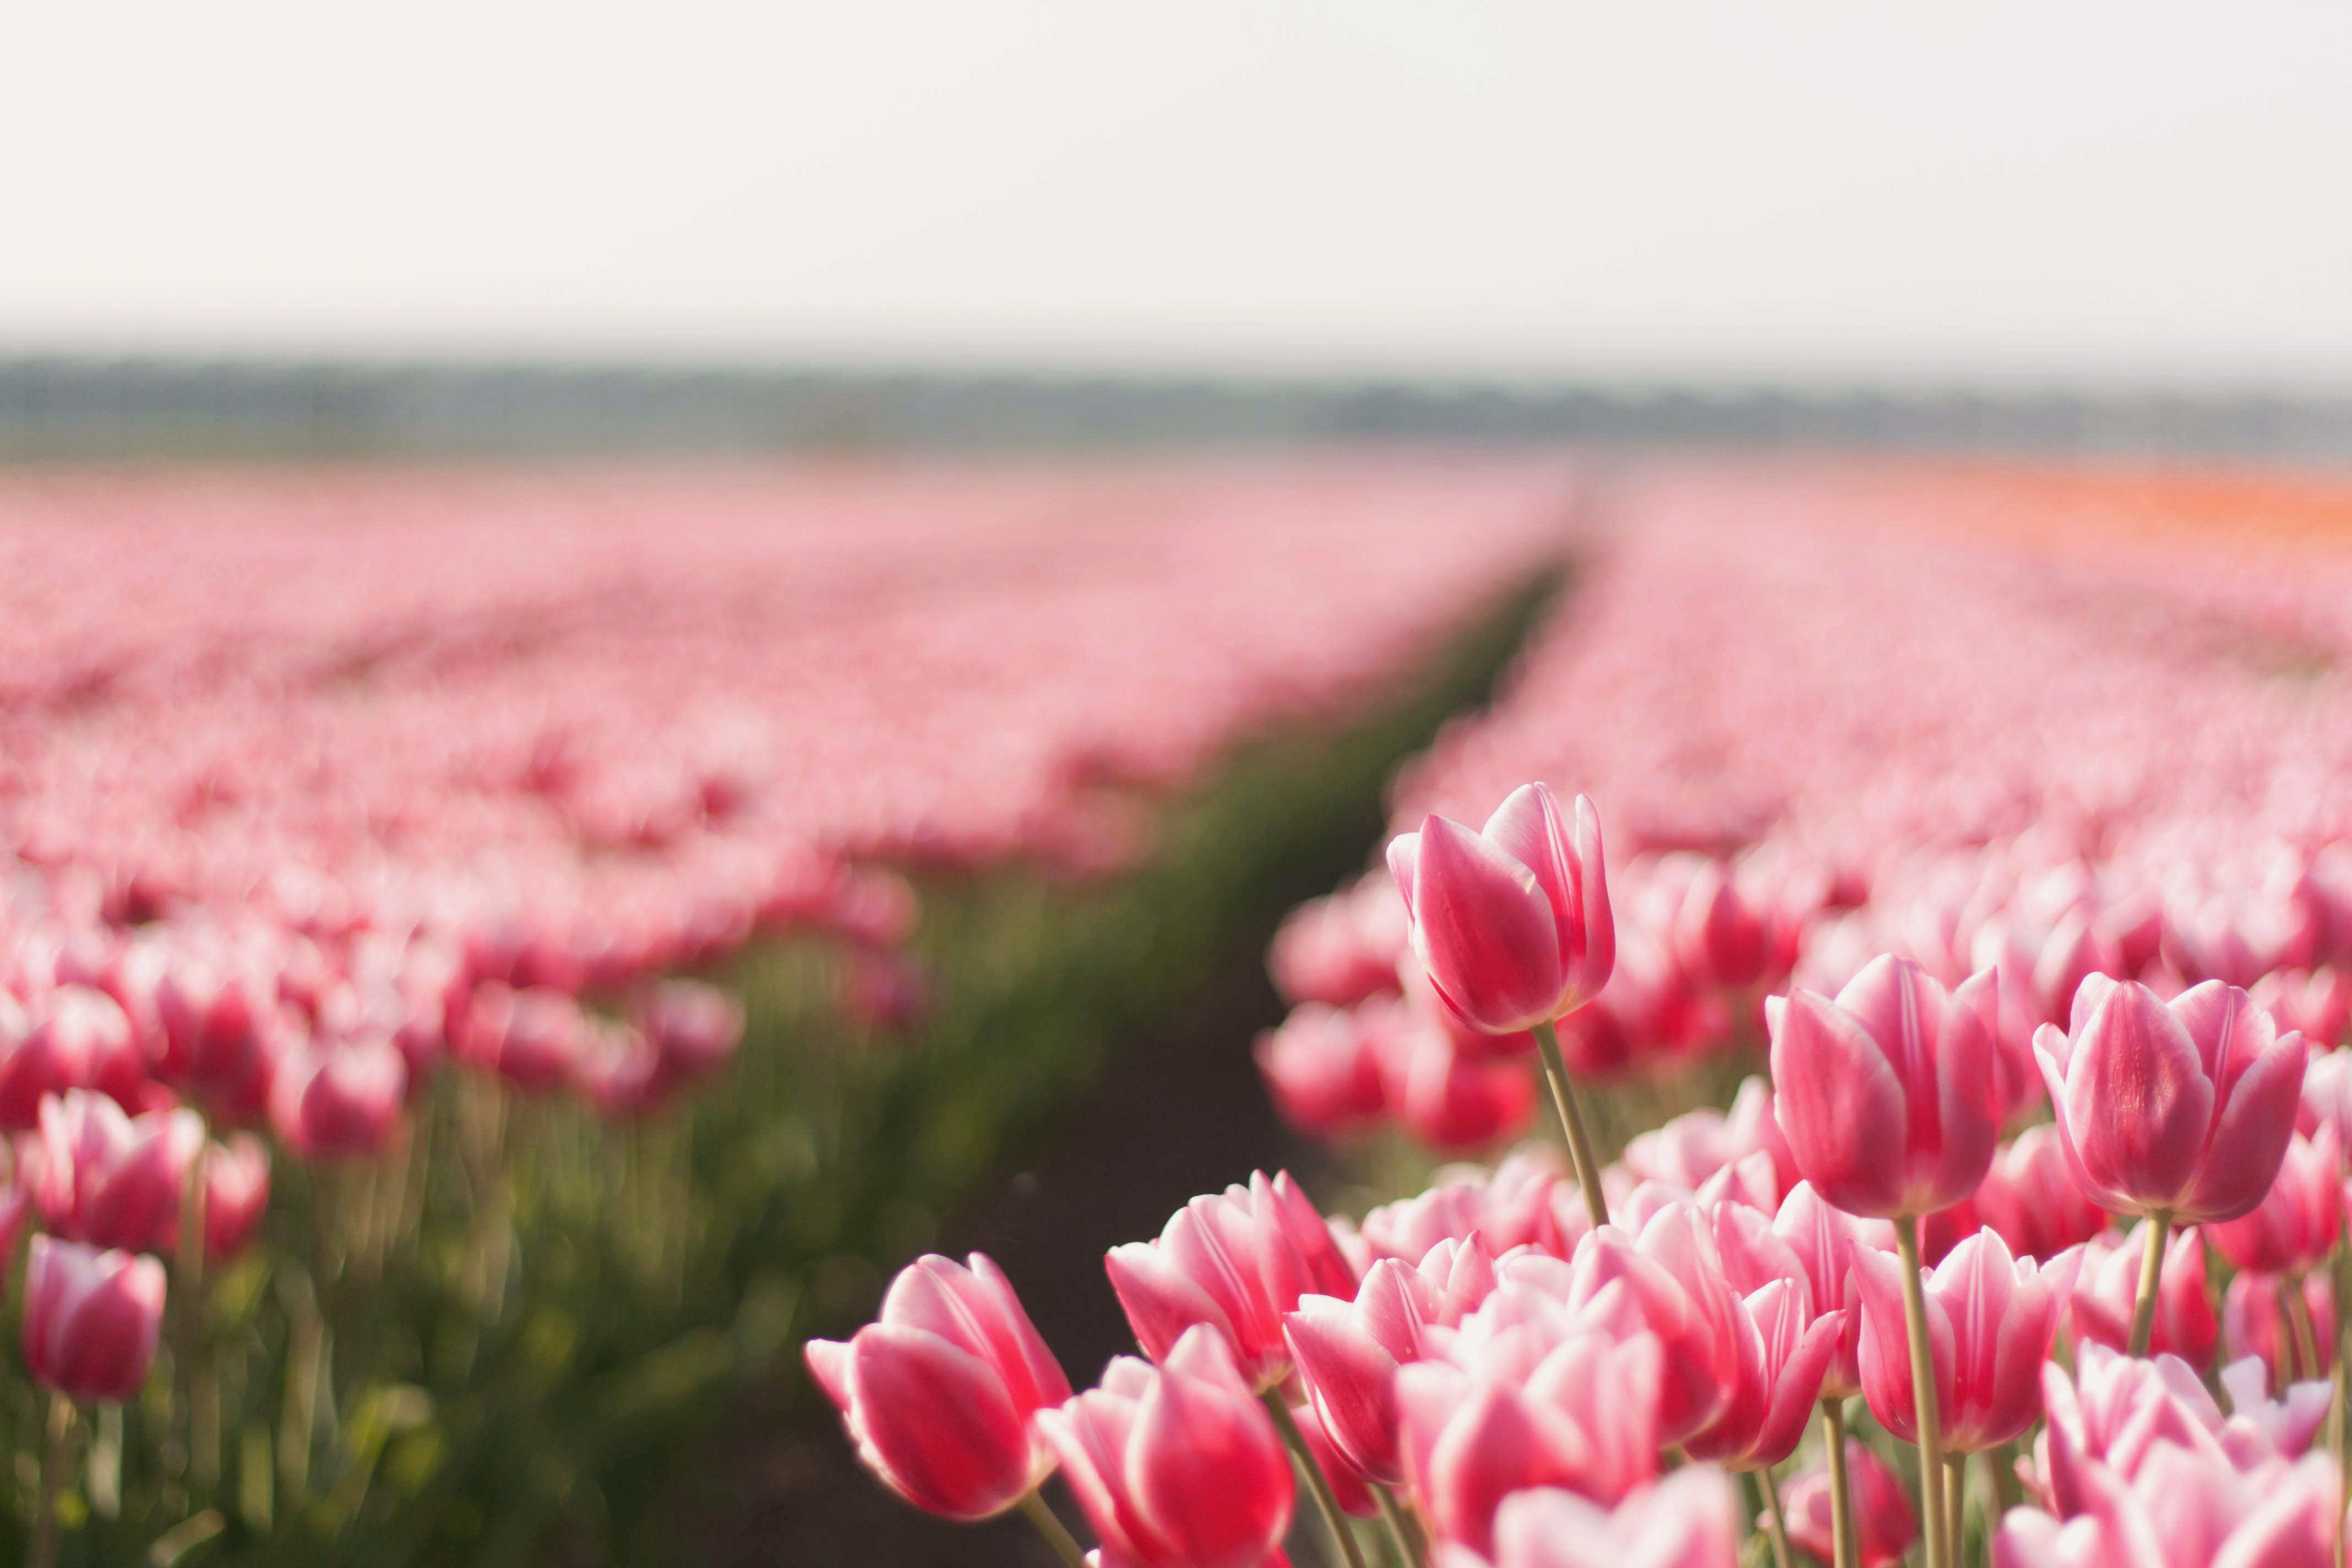 12436 скачать обои Растения, Пейзаж, Цветы, Тюльпаны - заставки и картинки бесплатно